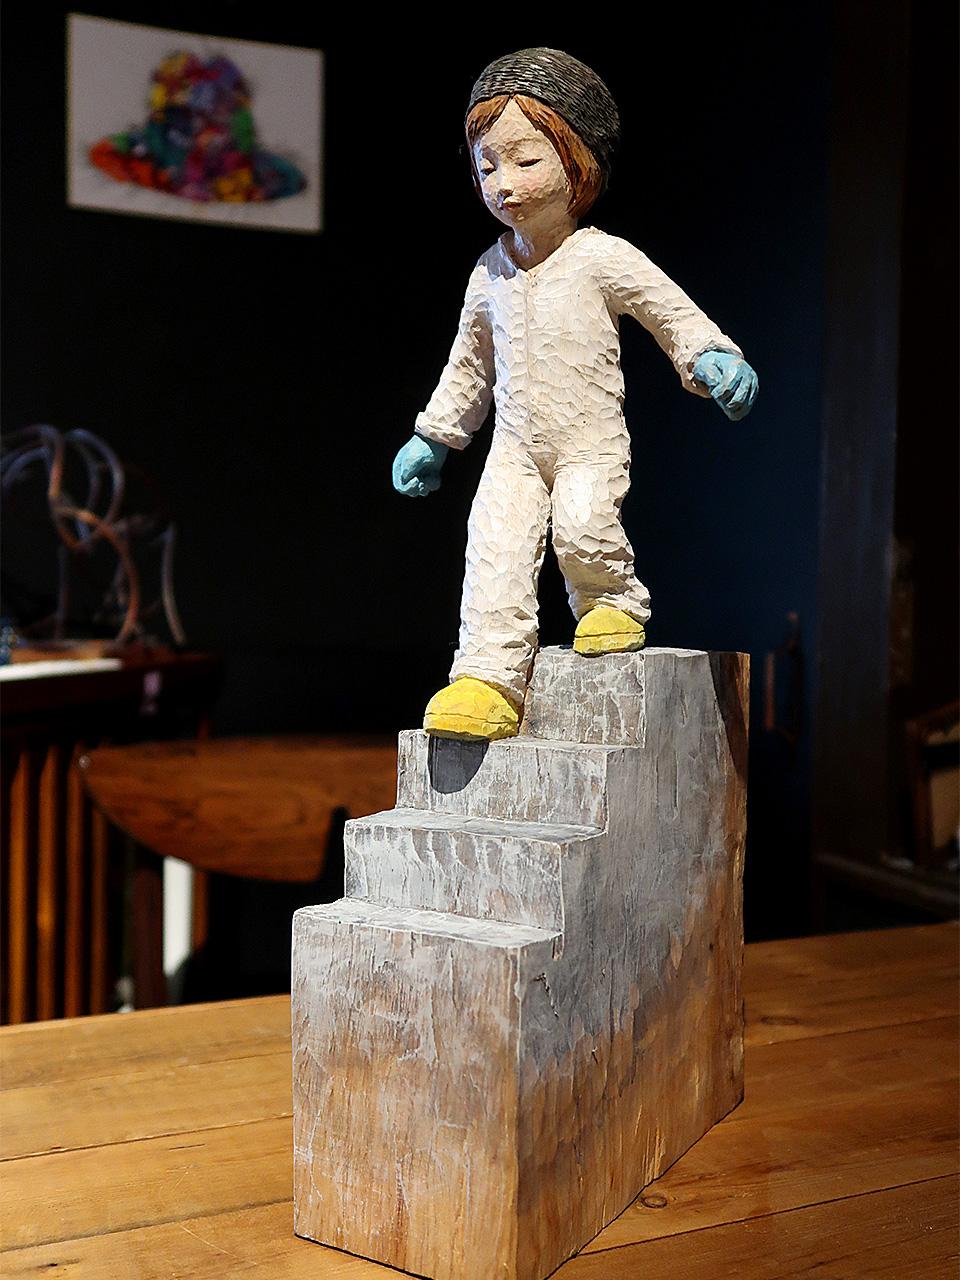 芦屋画廊kyoto 戸川五十生さんの彫刻作品